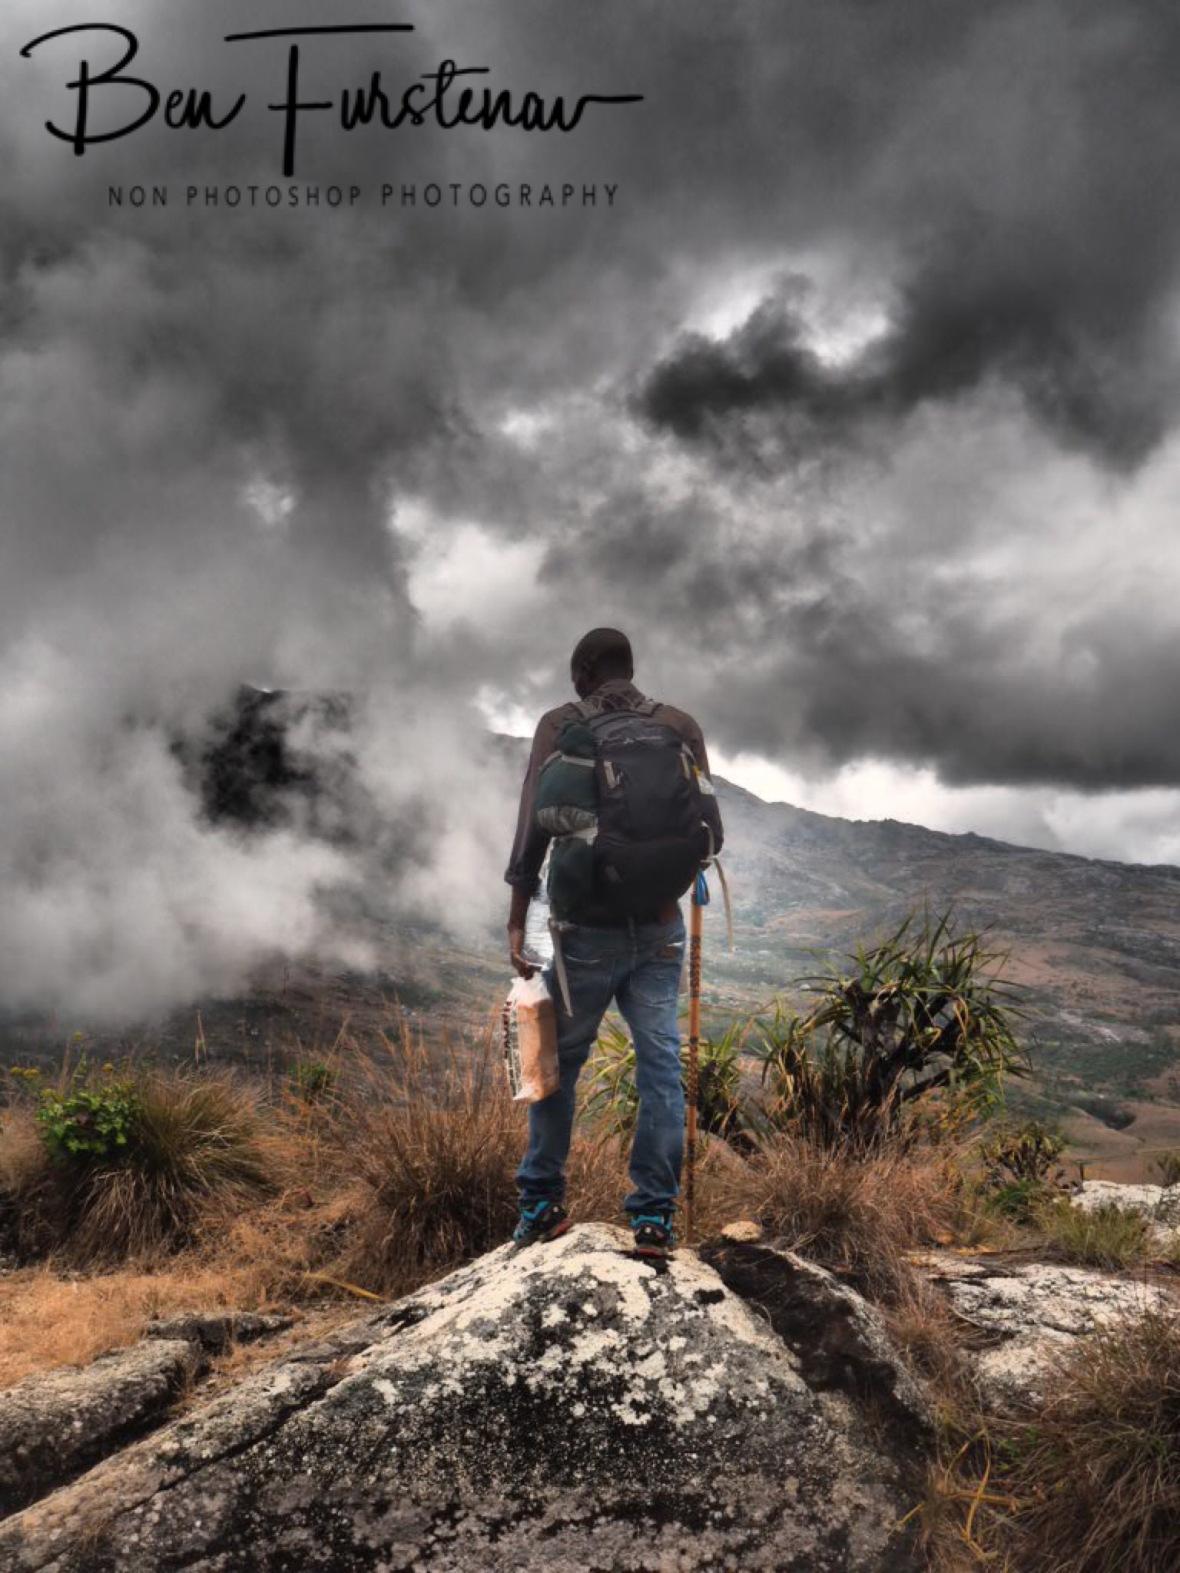 Tour guide Nenani, a world away, Mulanje Mountains, Malawi